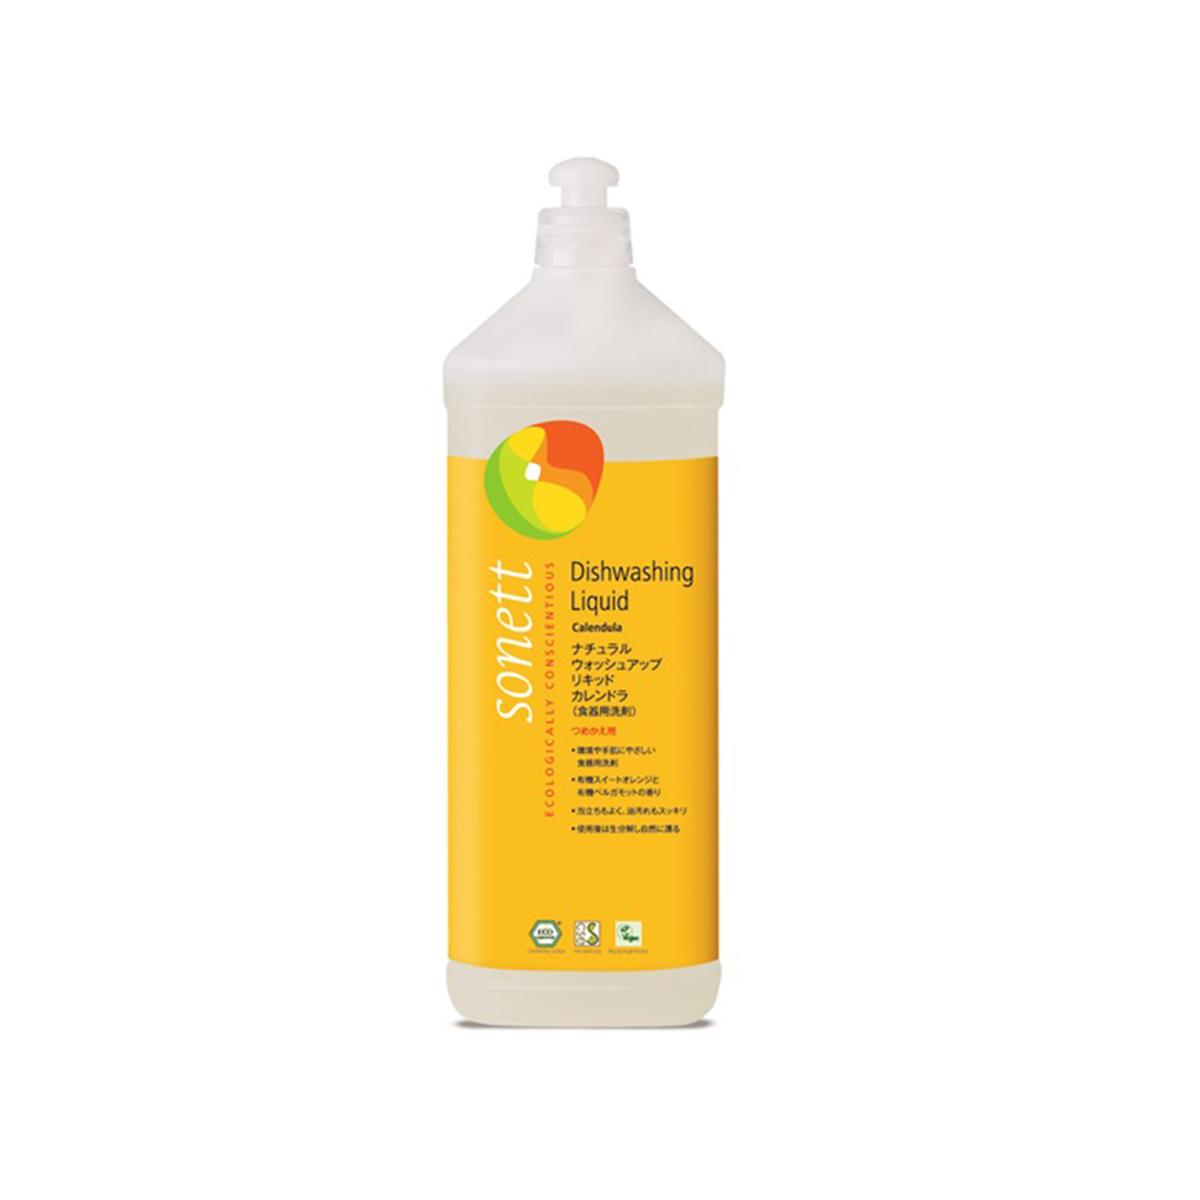 ソネット|ナチュラルウォッシュアップリキッド カレンドラ(食器用洗剤)1L <詰替用>